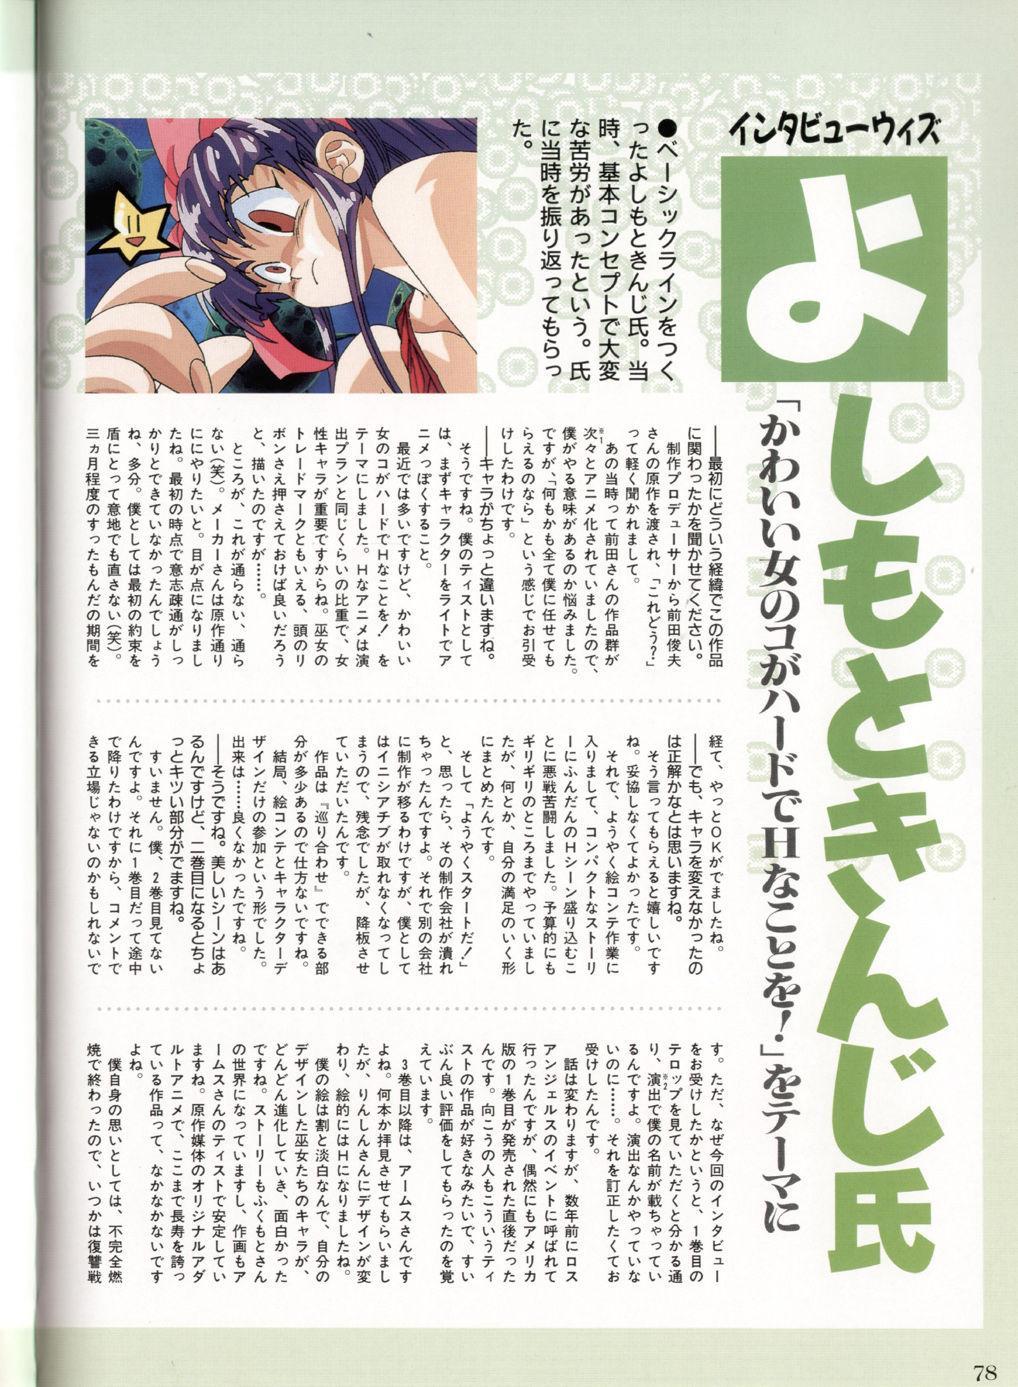 Injuu Gakuen You no Shou Secret File 73